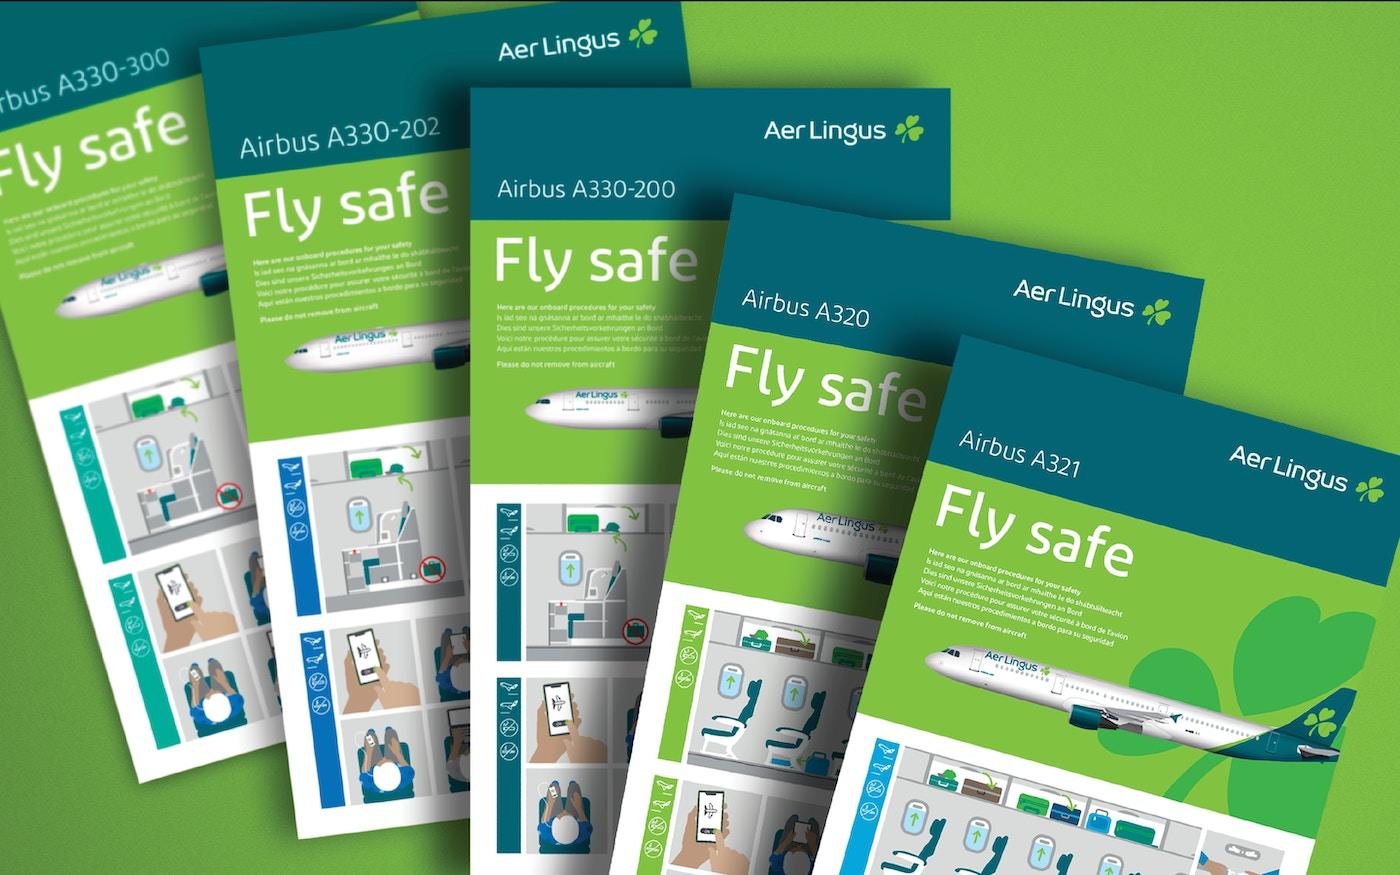 Aer Lingus branding